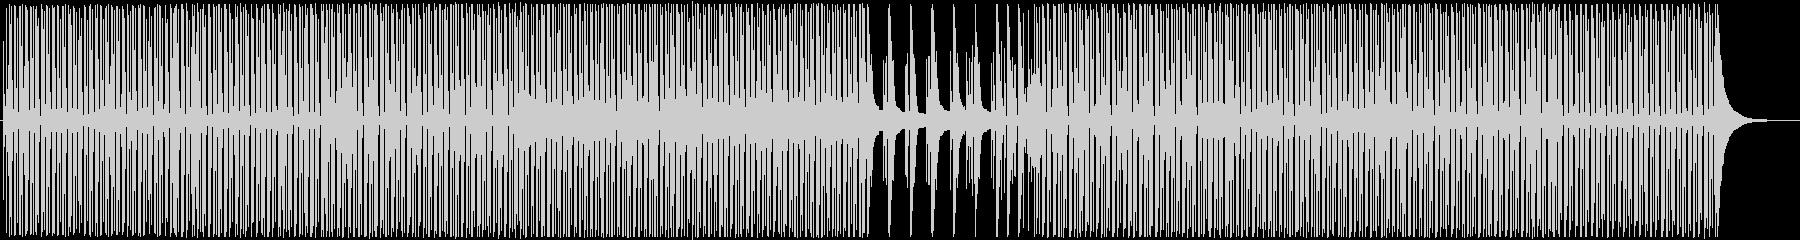 ほんわか日常ウクレレピアノポップの未再生の波形